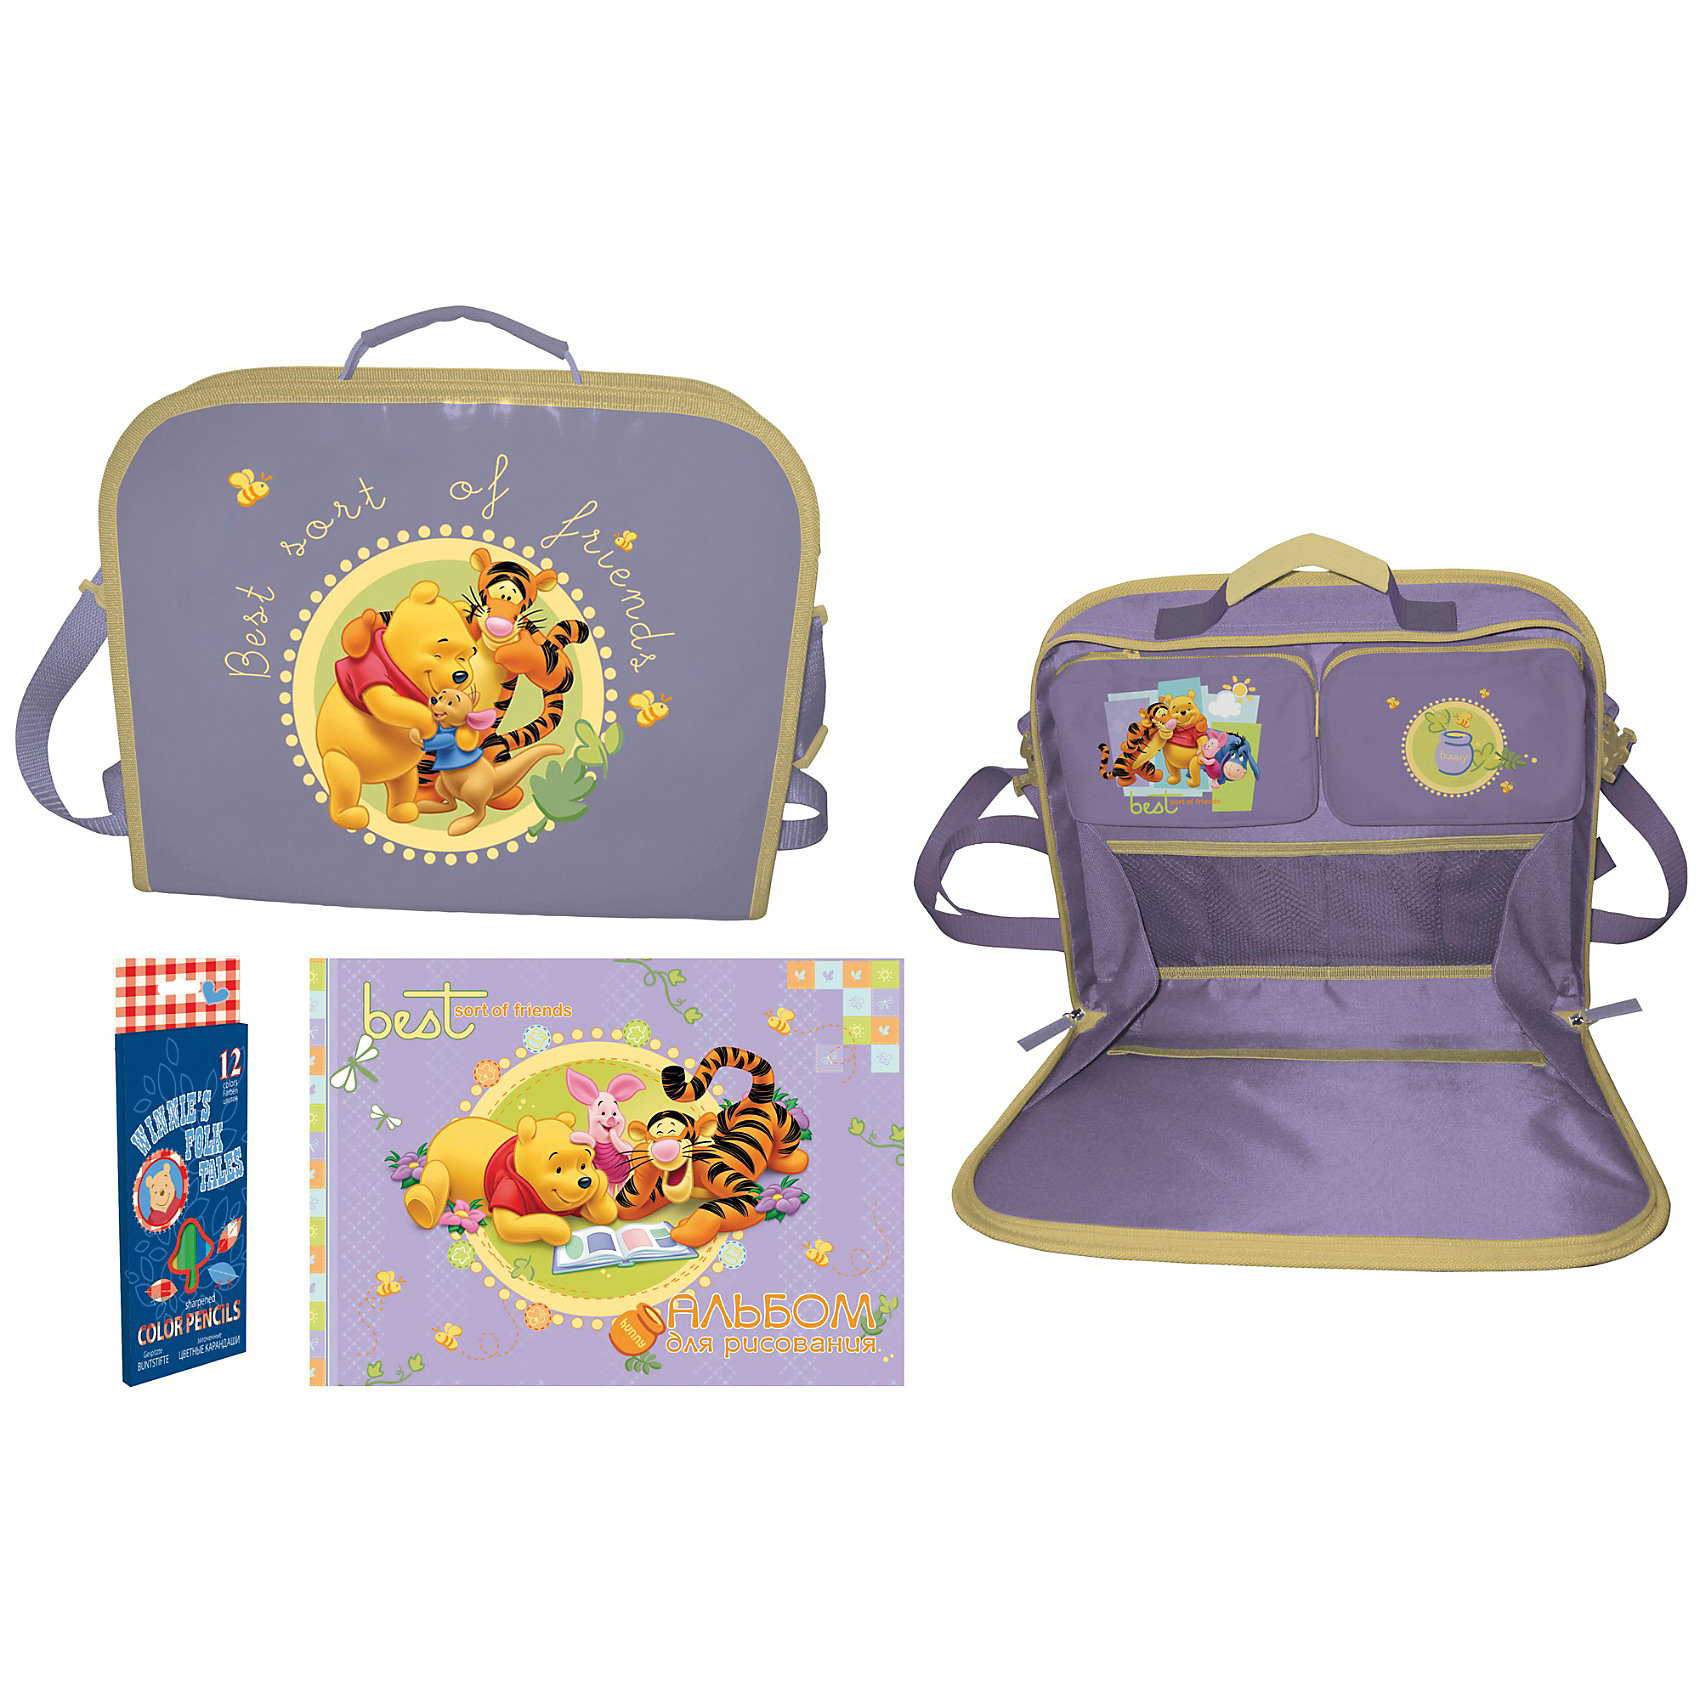 Winnie the Pooh Раскладная папка-планшетПрактичная и удобная папка планшет с любимым героем Winnie the Pooh, будет отличным помощником для хранения рисунков, бумаги и любой другой информации.<br><br>Ширина мм: 355<br>Глубина мм: 290<br>Высота мм: 50<br>Вес г: 690<br>Возраст от месяцев: 48<br>Возраст до месяцев: 84<br>Пол: Унисекс<br>Возраст: Детский<br>SKU: 3109911